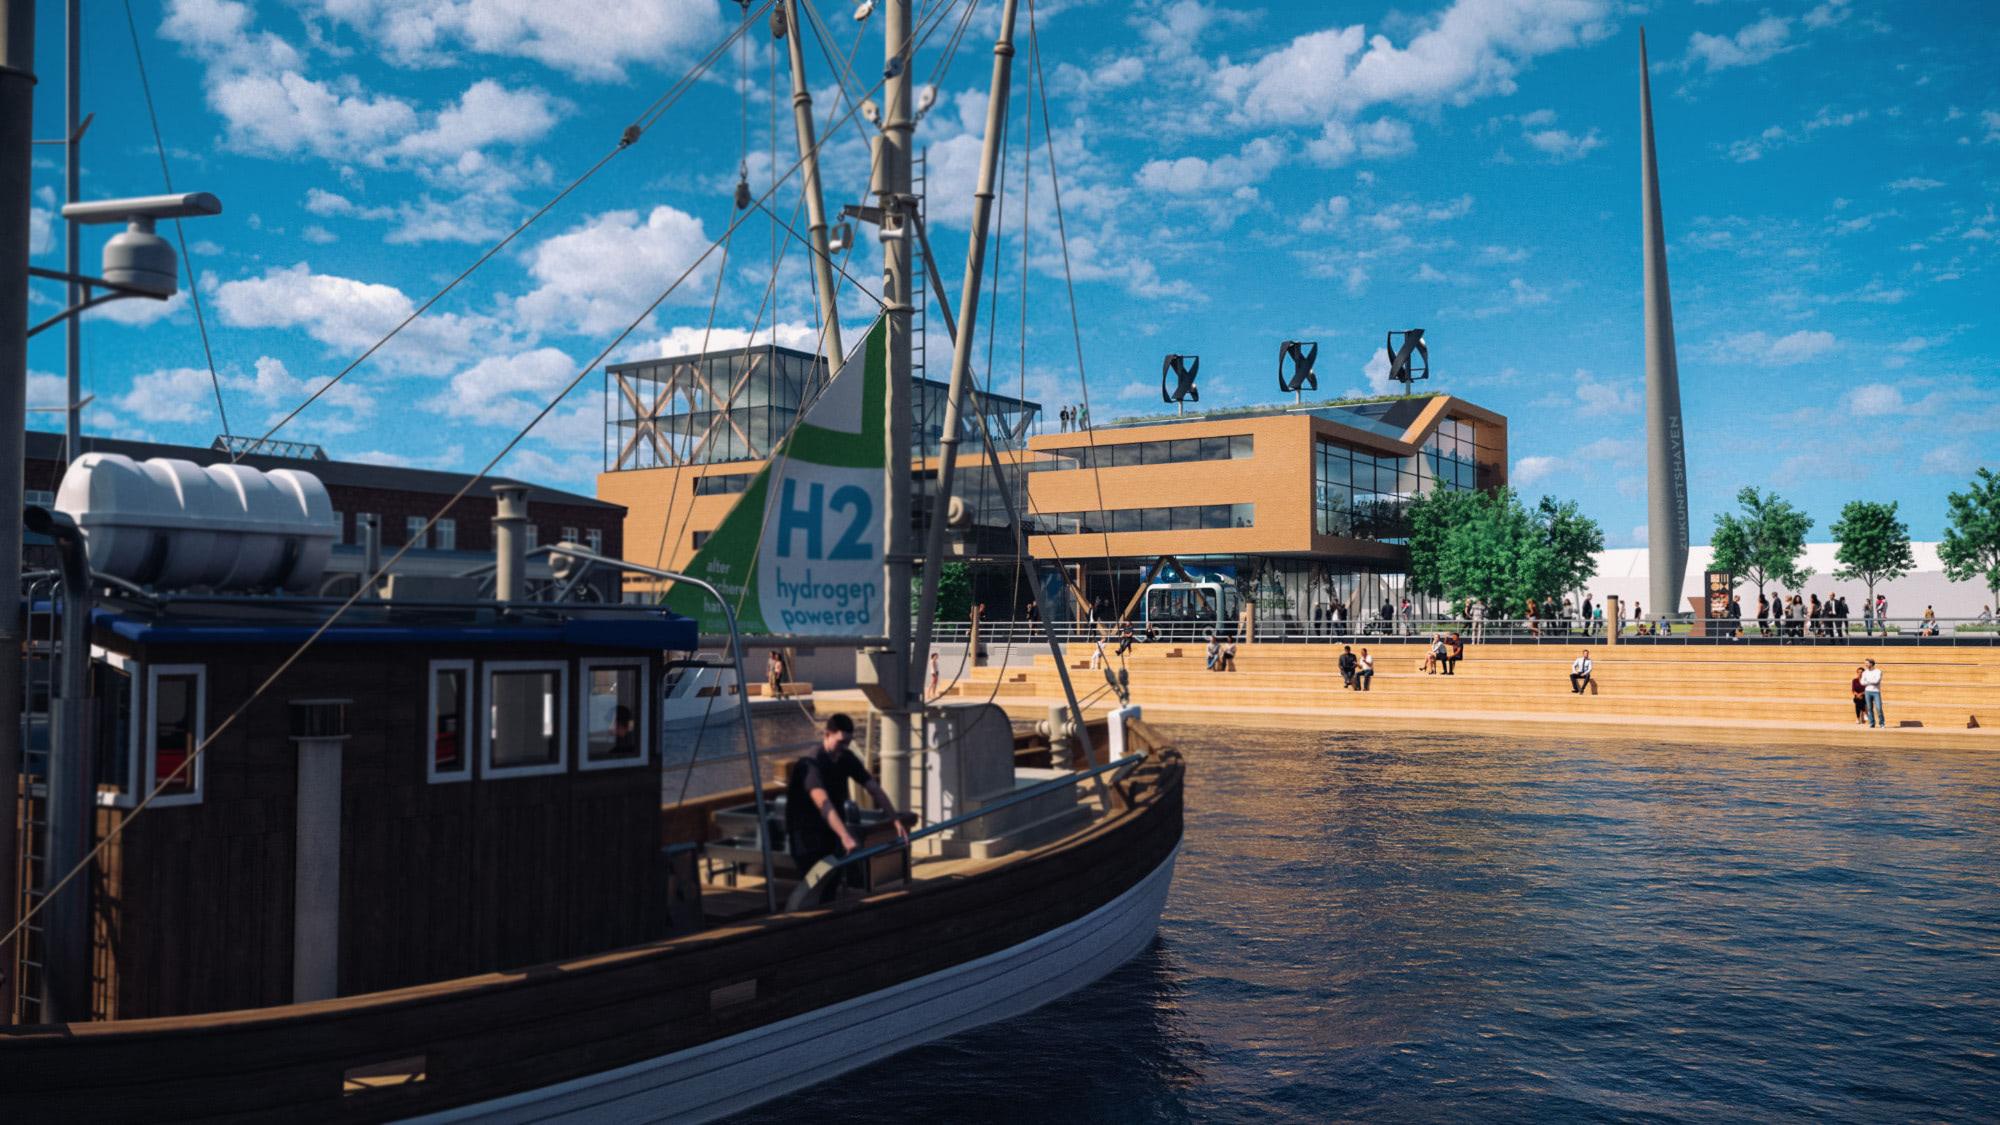 Destinationsentwicklung Quartier Alter Fischereihafen Cuxhaven Zukunftshaven Boot Going Places